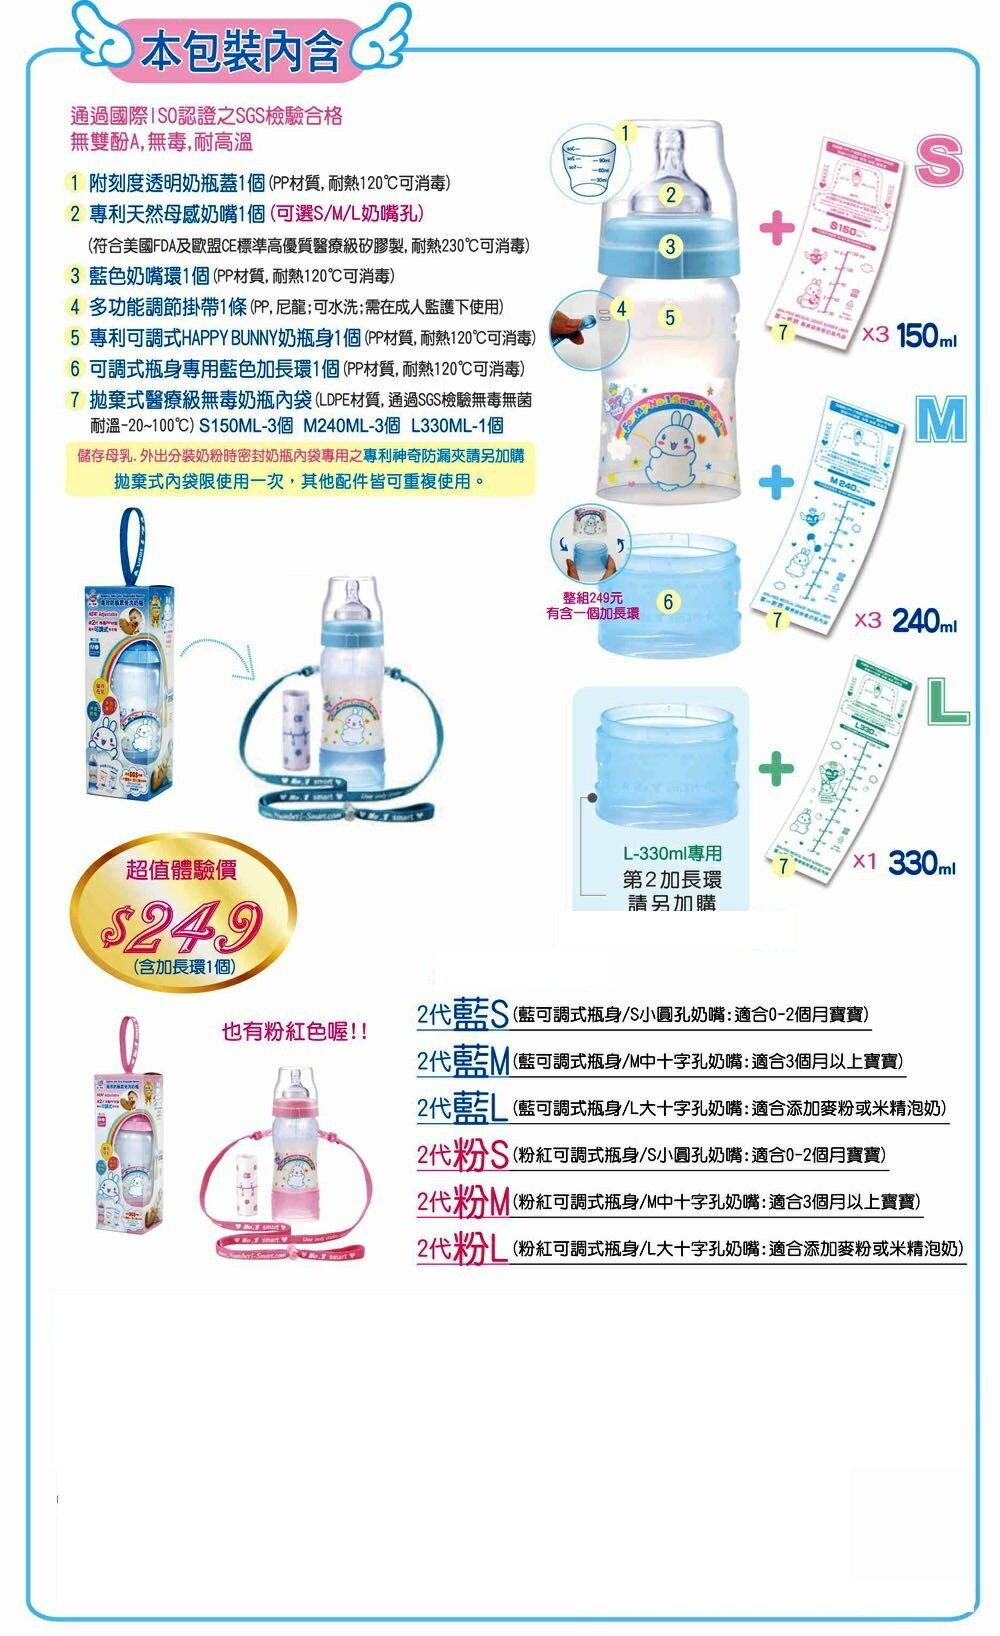 『121婦嬰用品館』第一寶寶 二代免洗可調式奶瓶 - 藍(M號奶嘴) 3